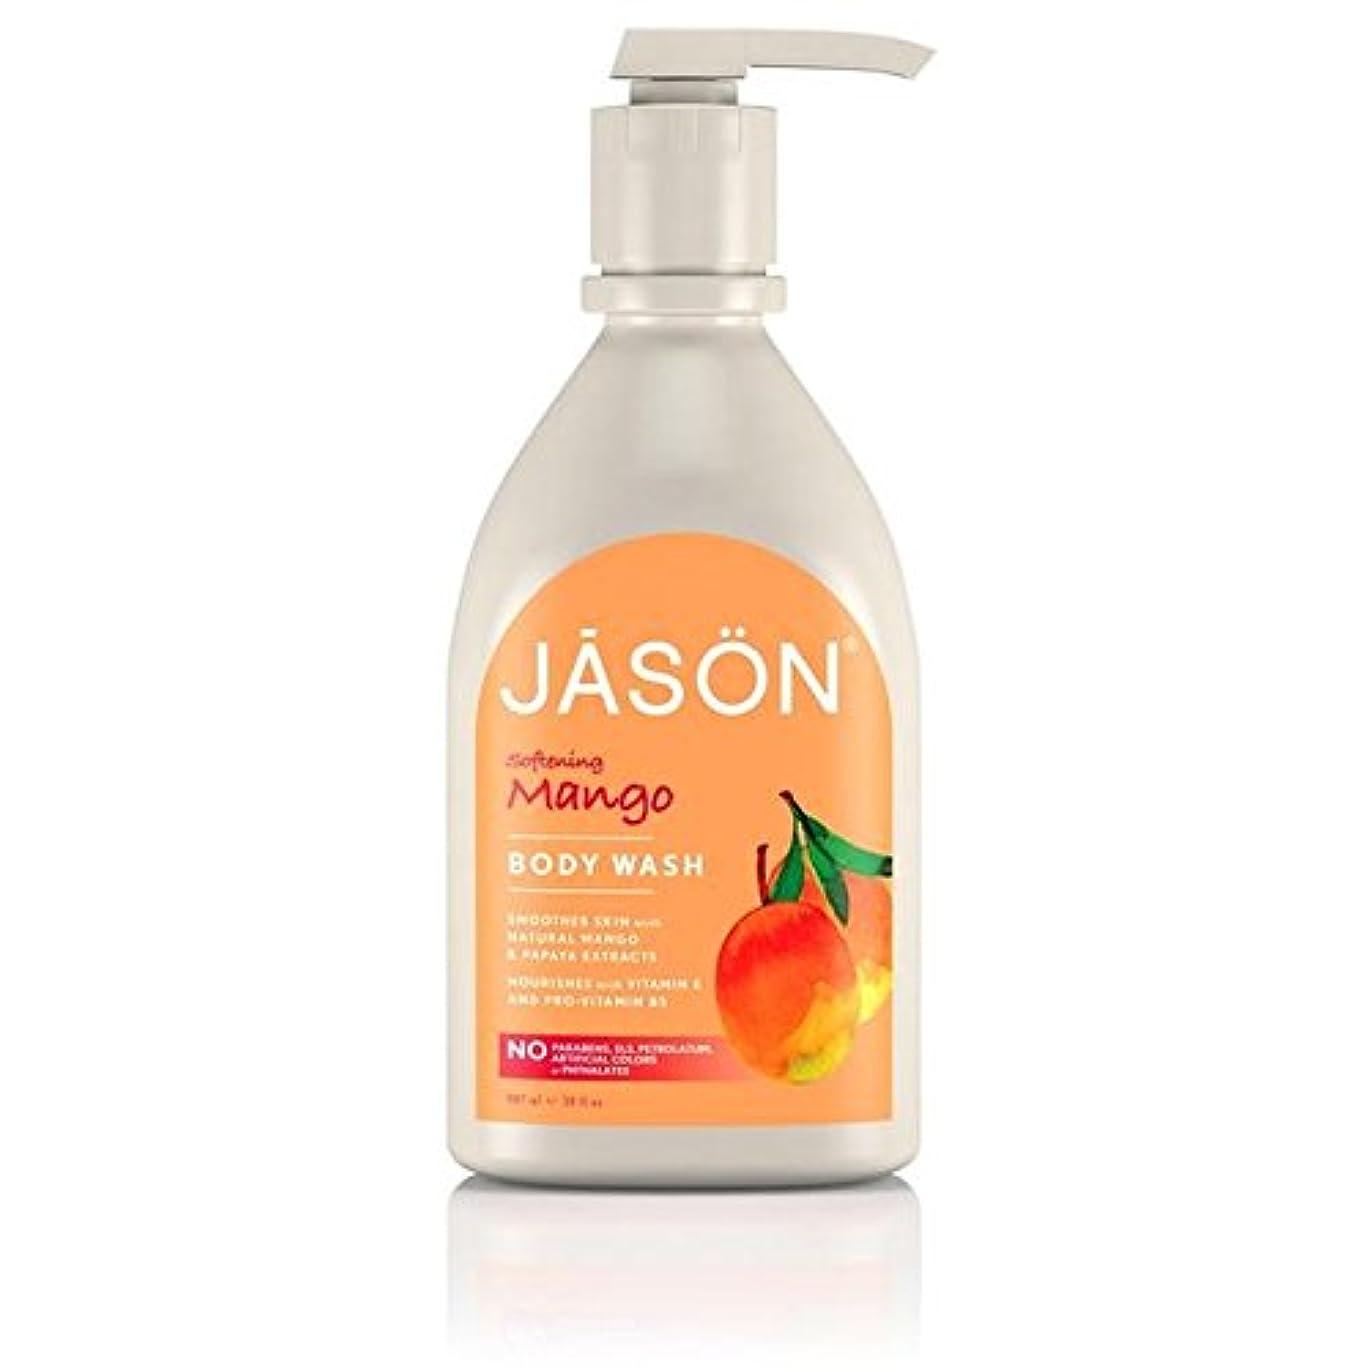 生き物拍車体操Jason Mango Satin Body Wash Pump 900ml (Pack of 6) - ジェイソン?マンゴーサテンボディウォッシュポンプ900ミリリットル x6 [並行輸入品]